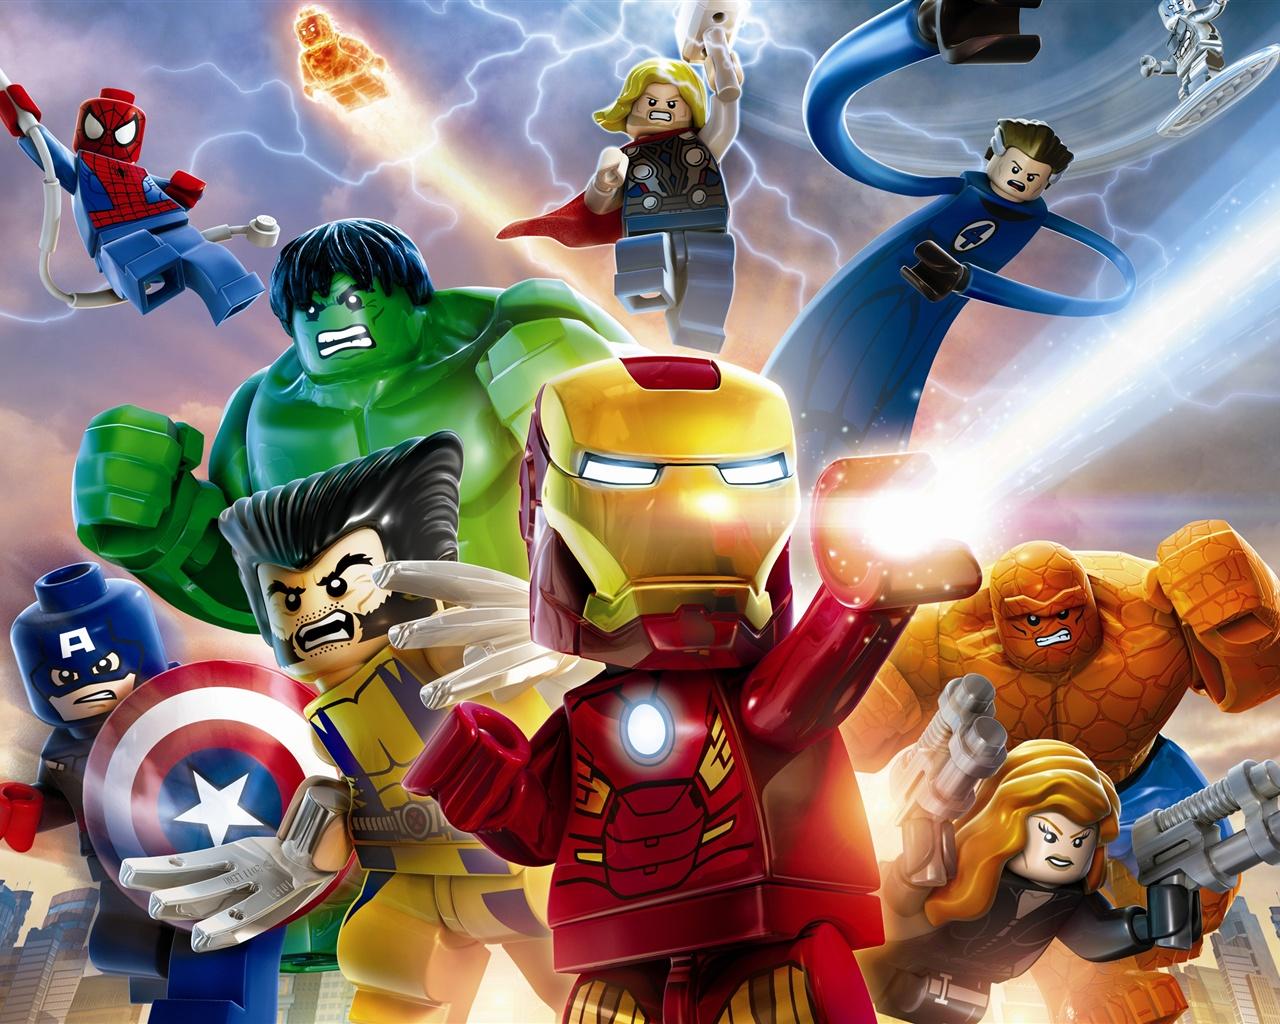 乐高marvel超级英雄 壁纸 - 1280x1024